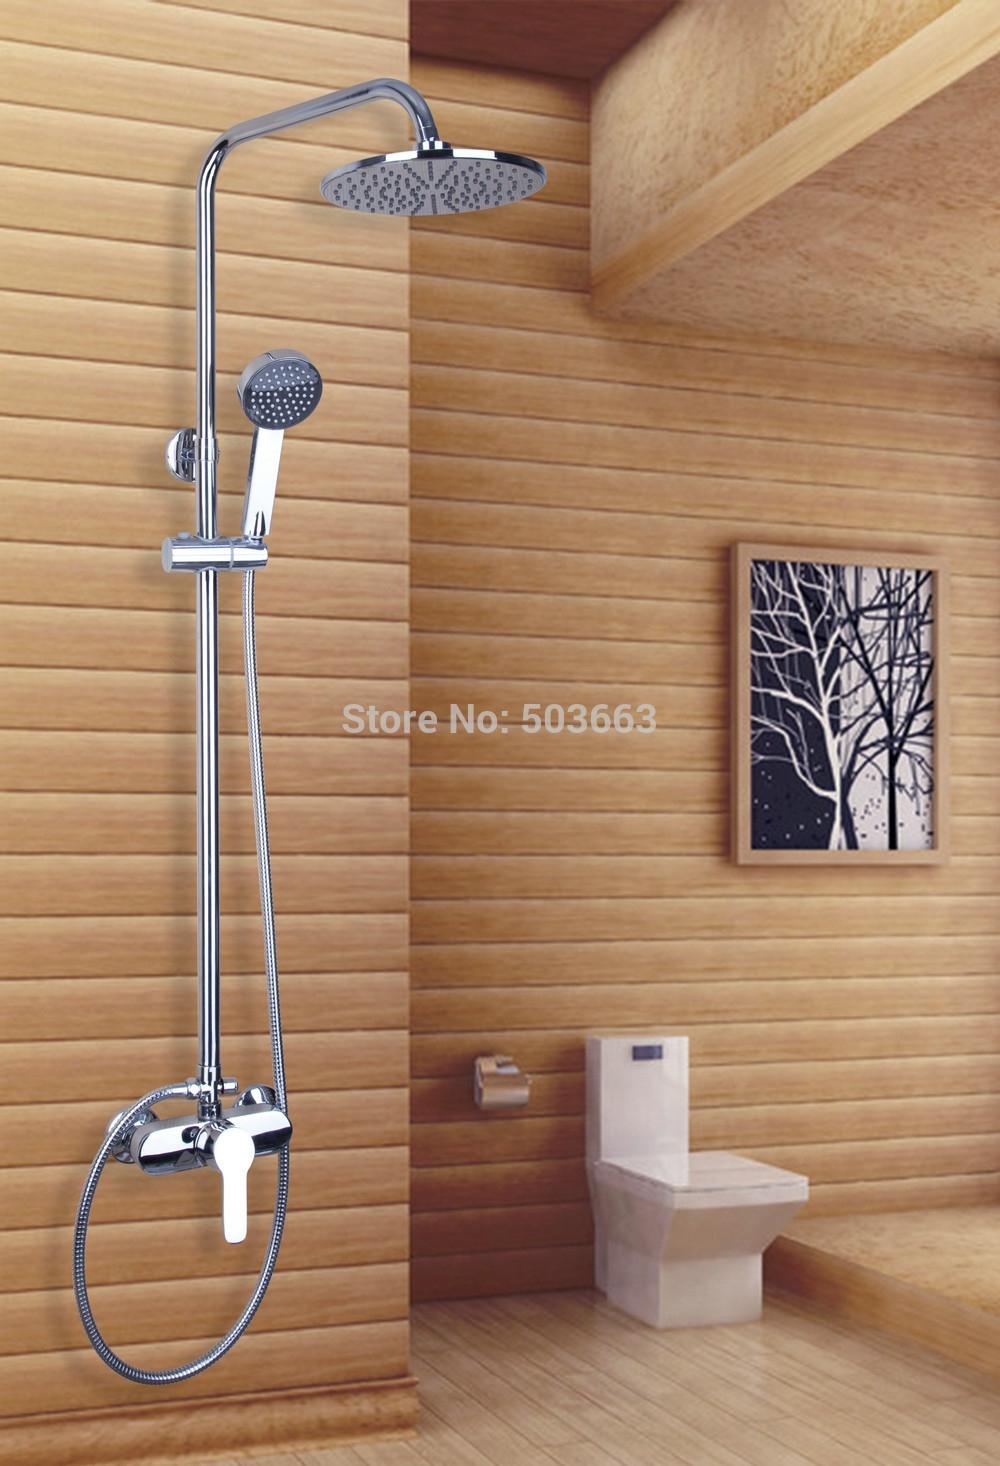 Ideas, moen shower faucet systems moen shower faucet systems moen shower systems canada showers decoration 1000 x 1466  .